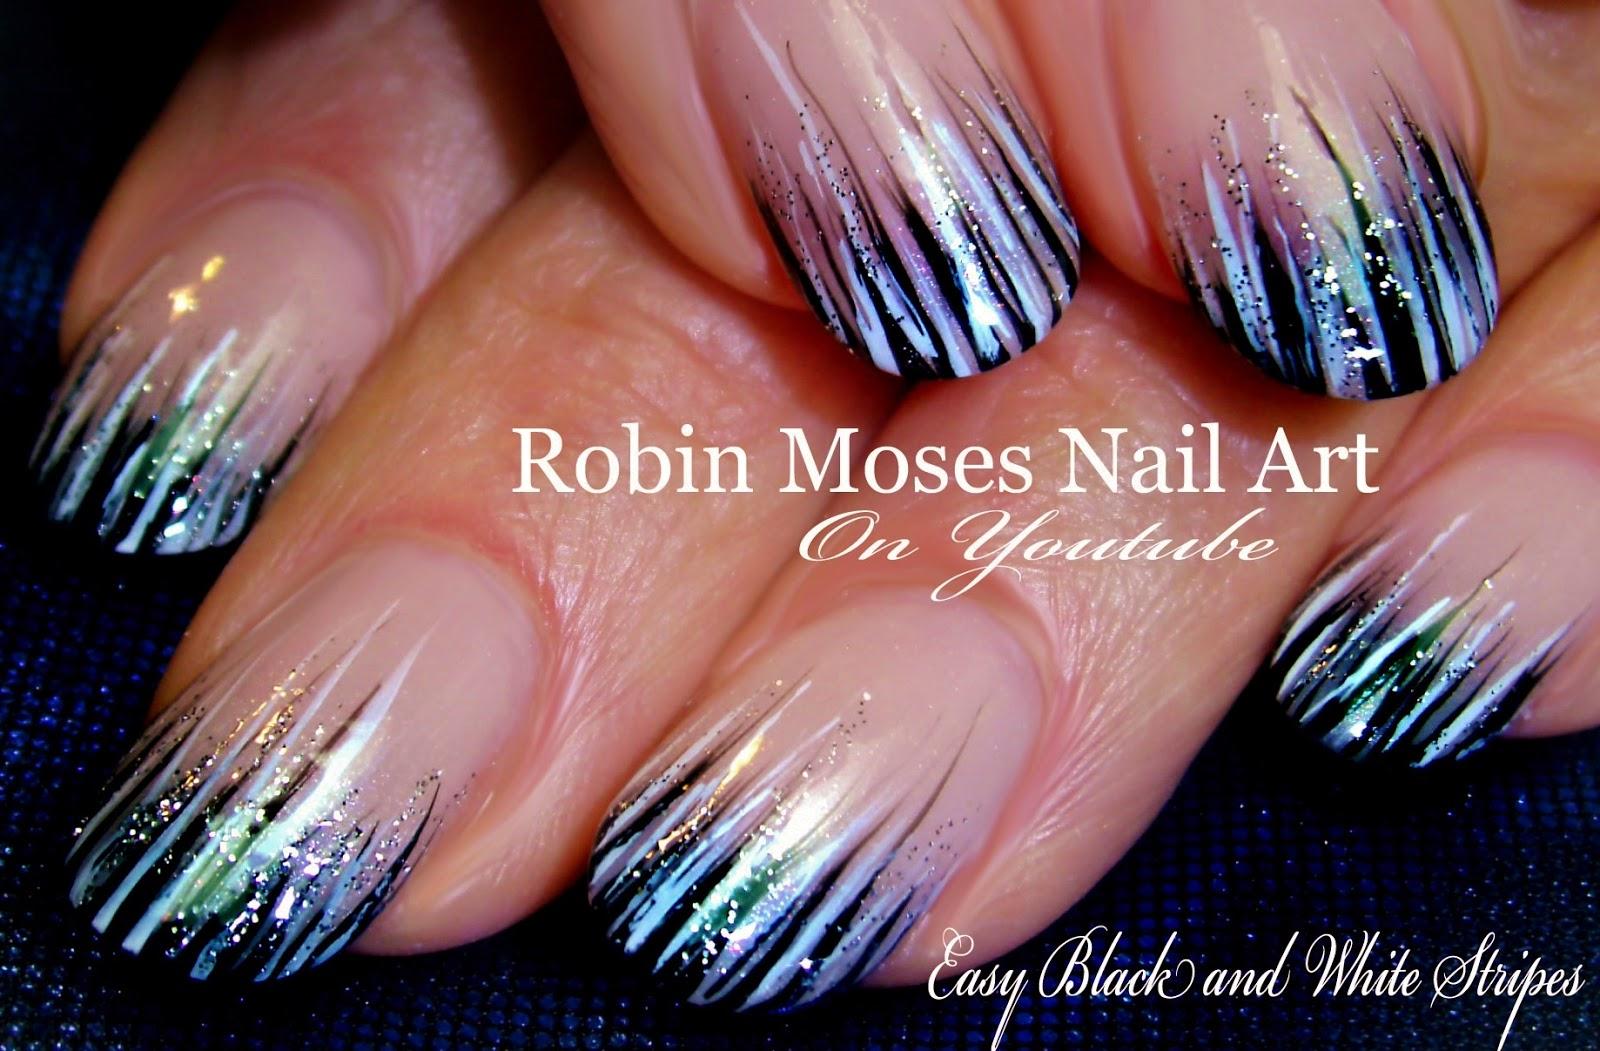 Nail Art by Robin Moses: Striped Spring nail art 2016